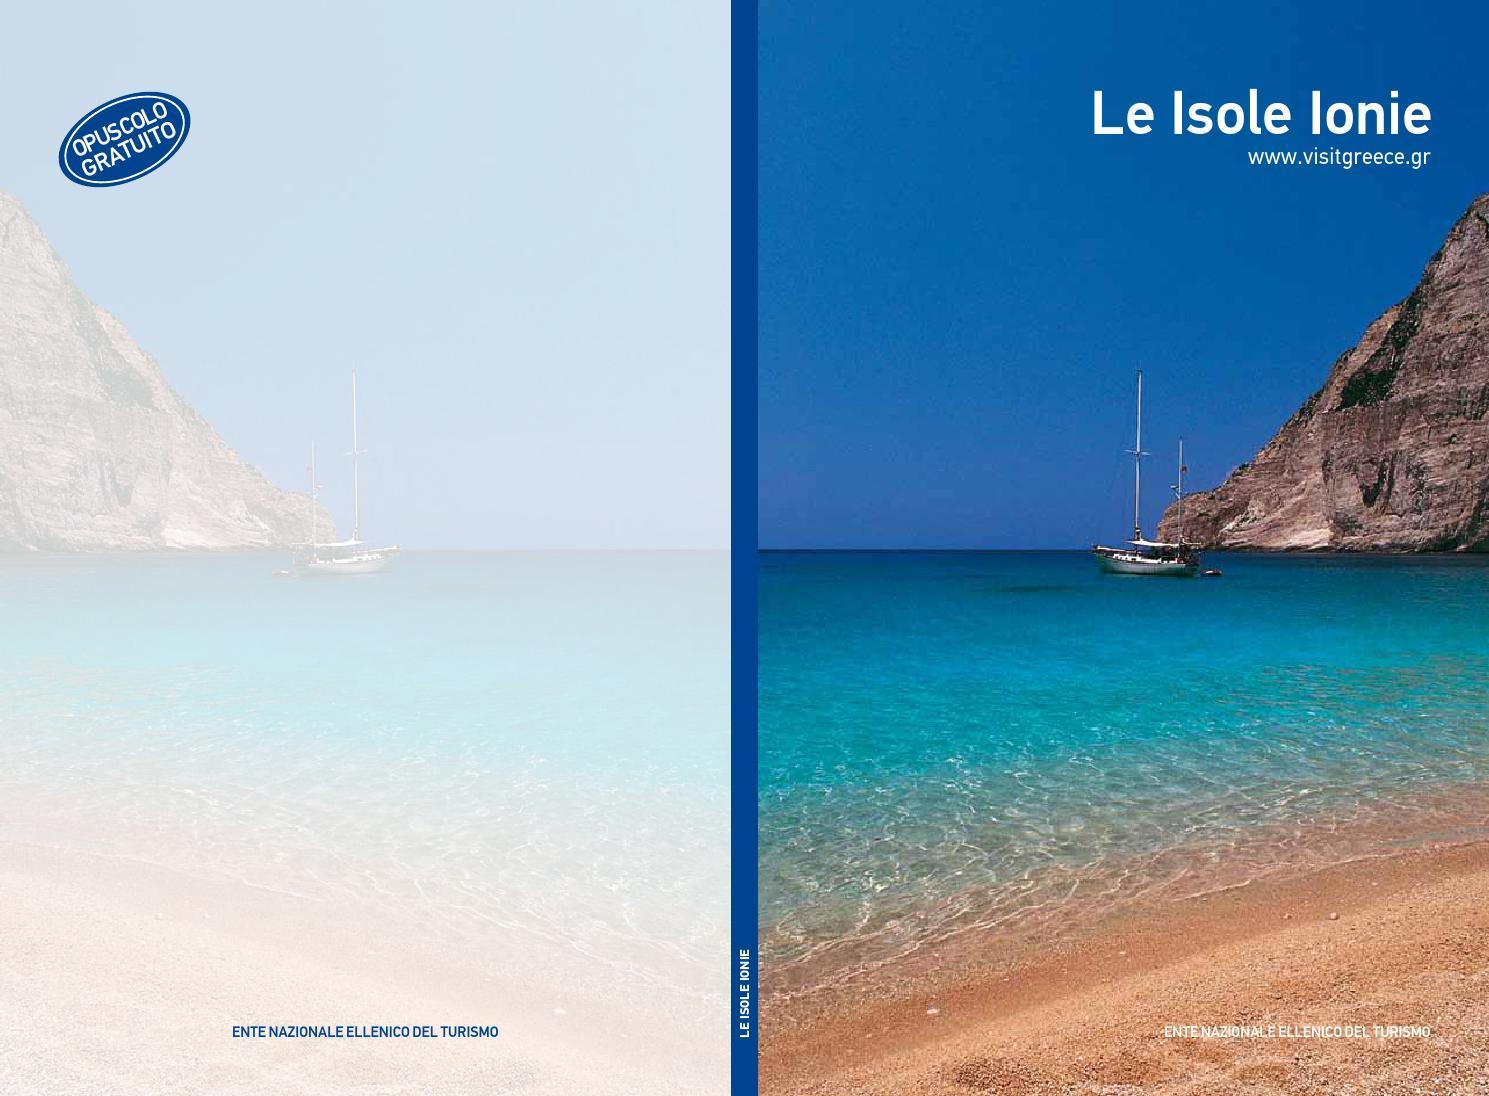 Della Della Ionie Isole Grecia Isole Ionie 4qAL5R3j